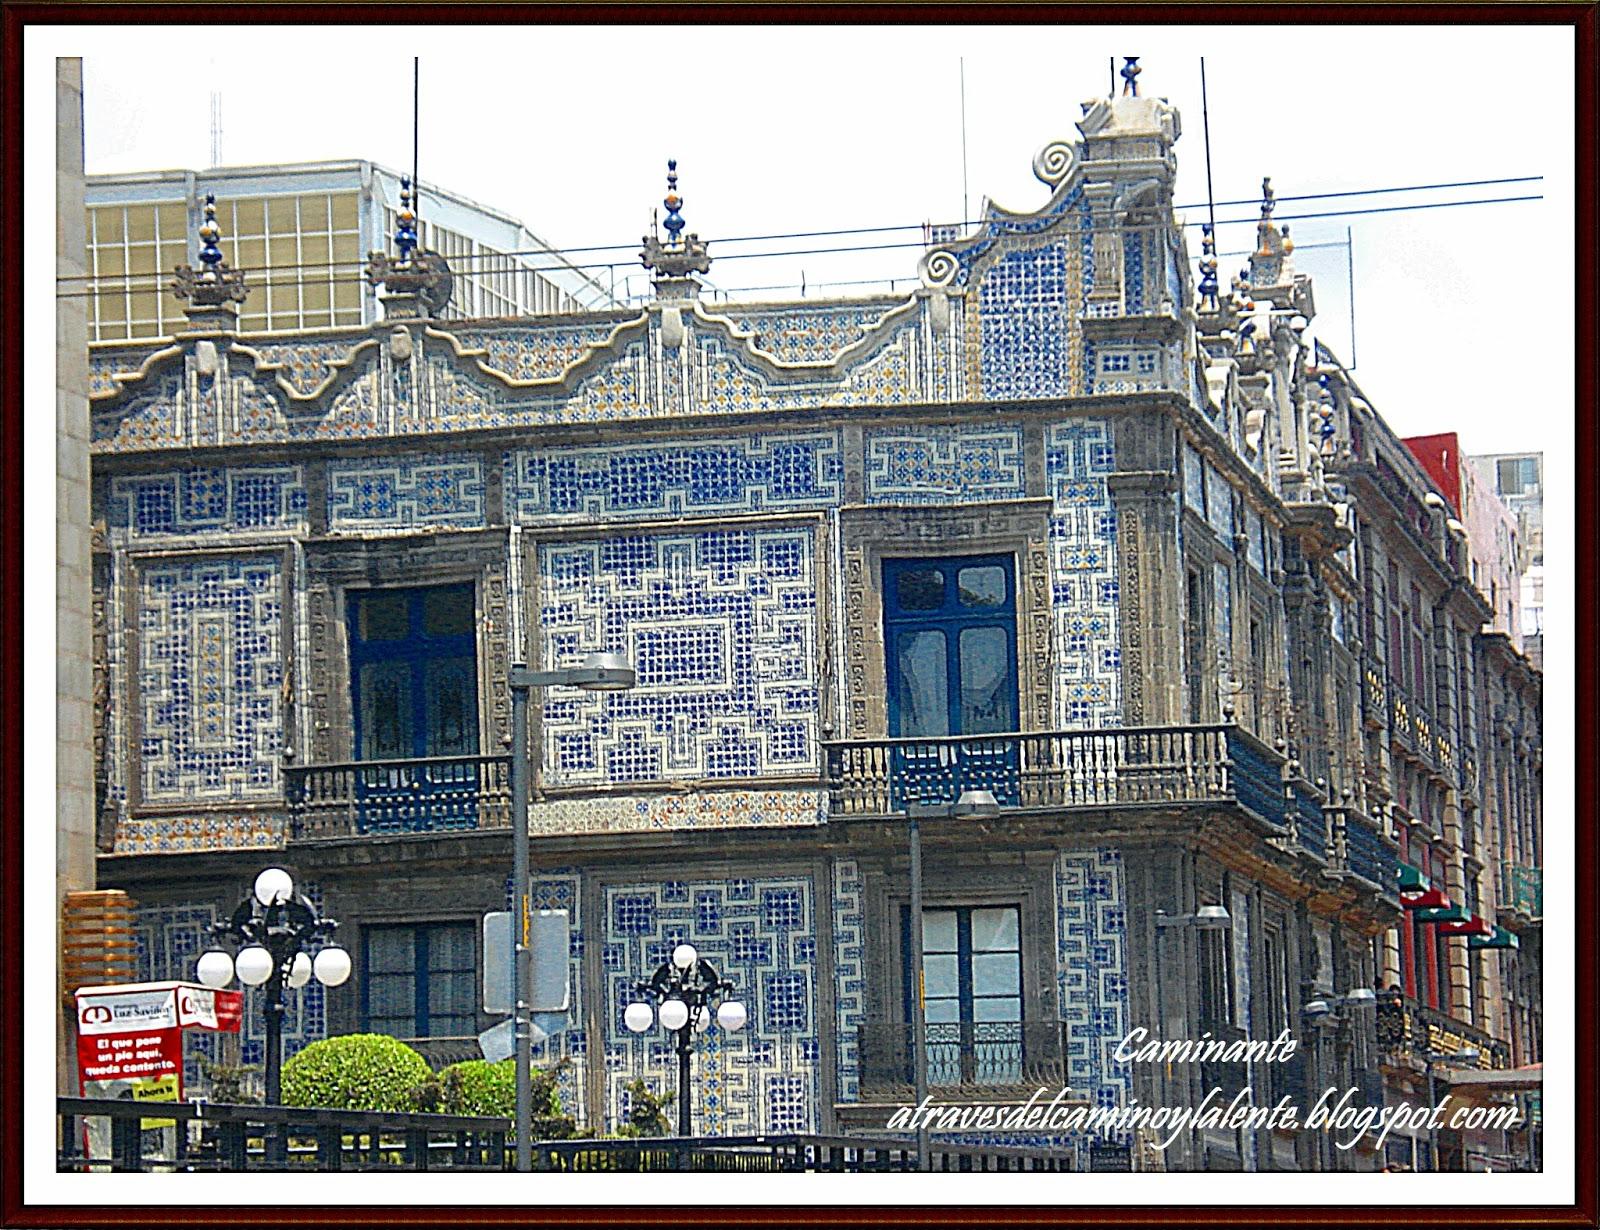 A trav s del camino y la lente enero 2013 for Casa de los azulejos sanborns df